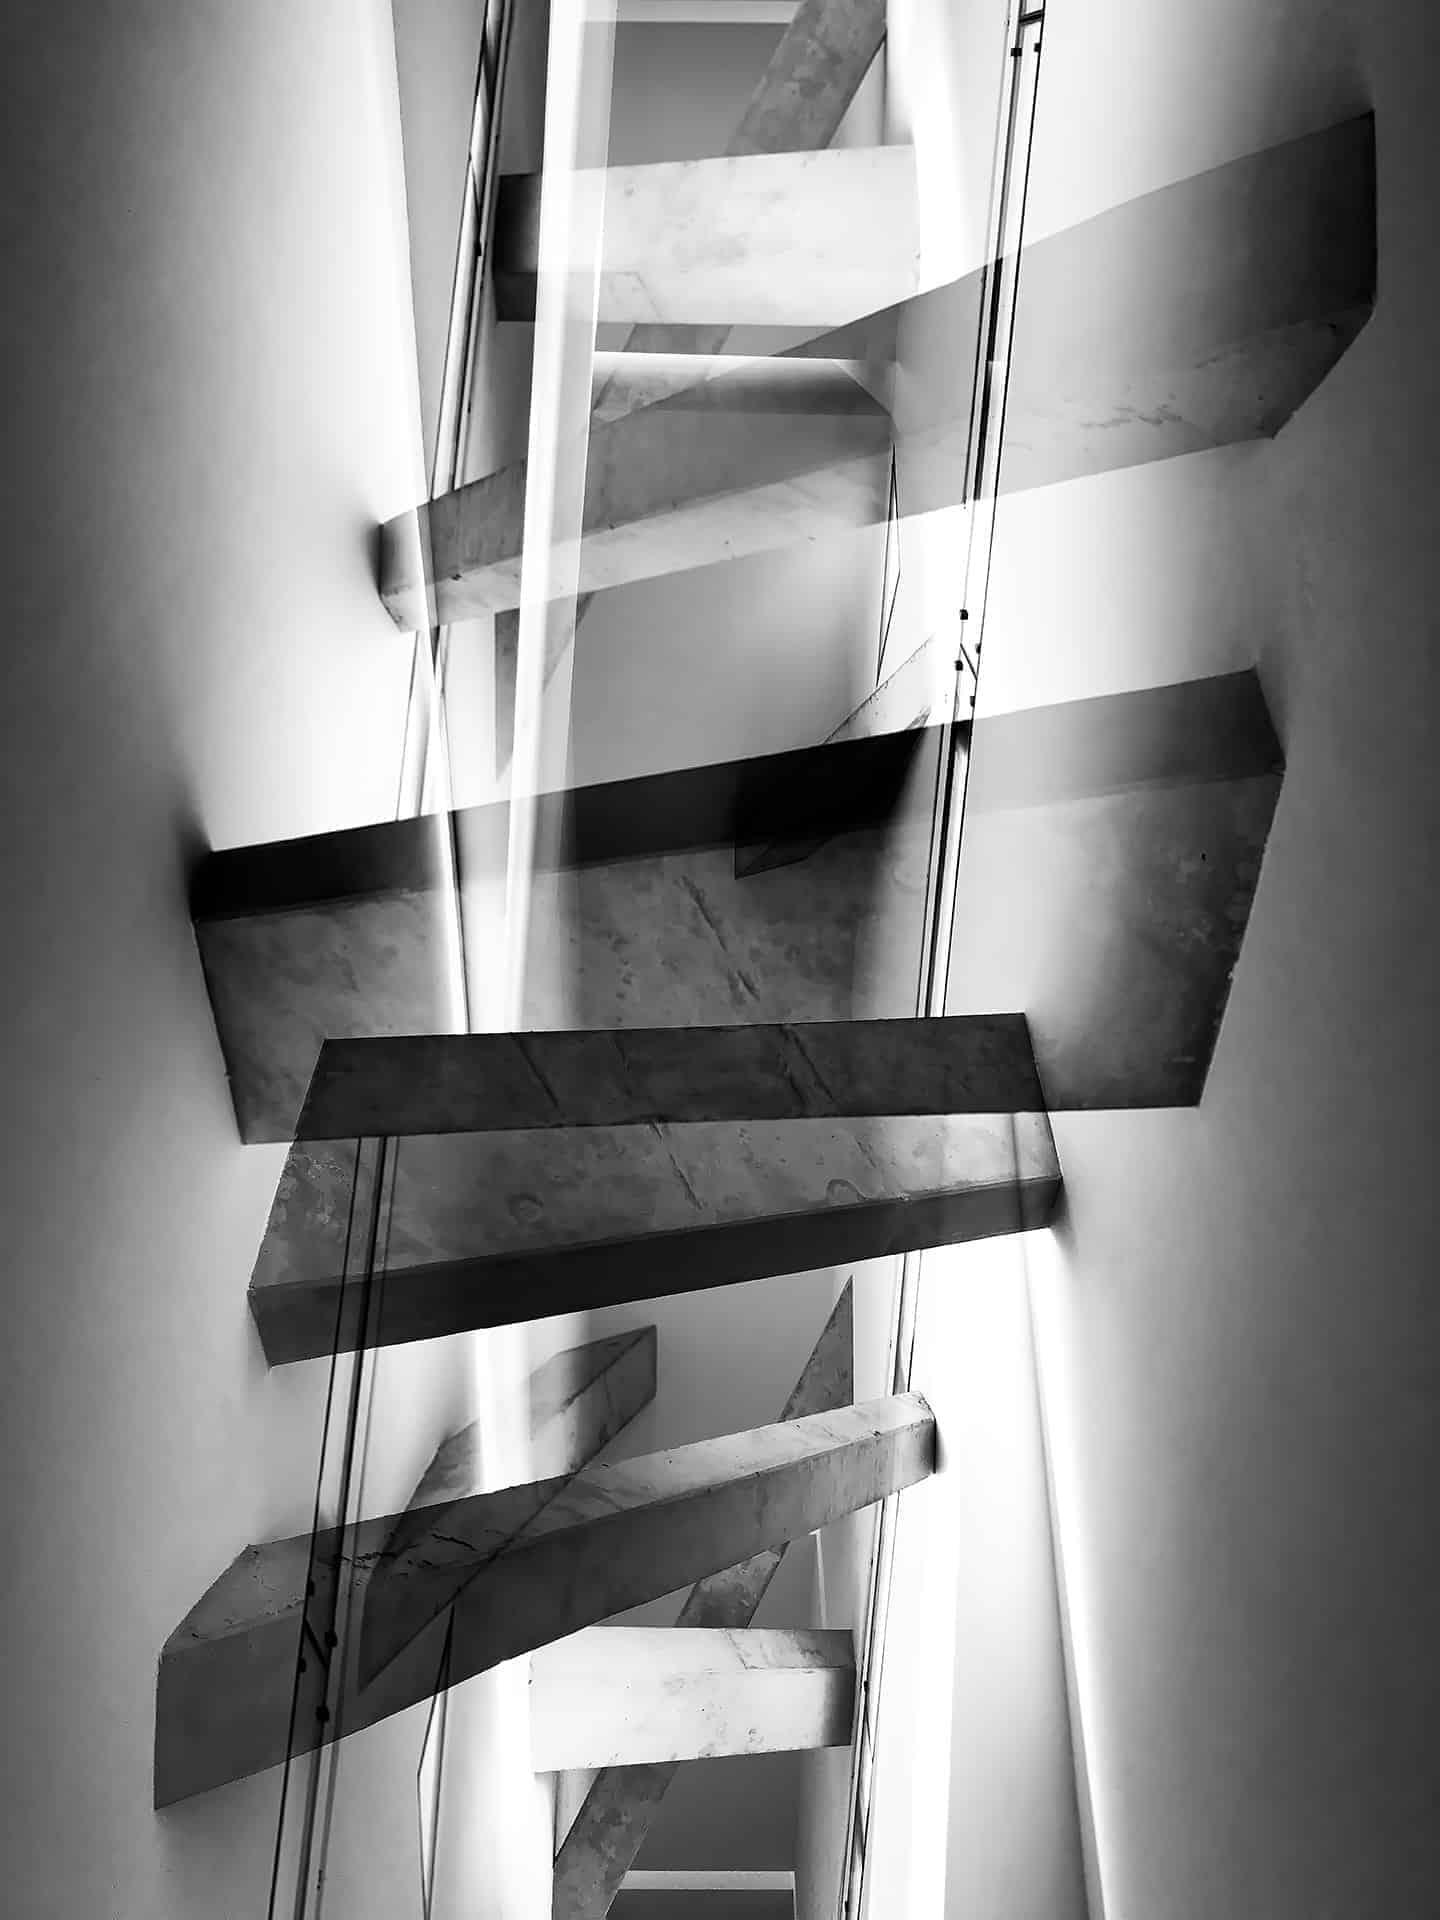 artnorama - Reflected Pylons